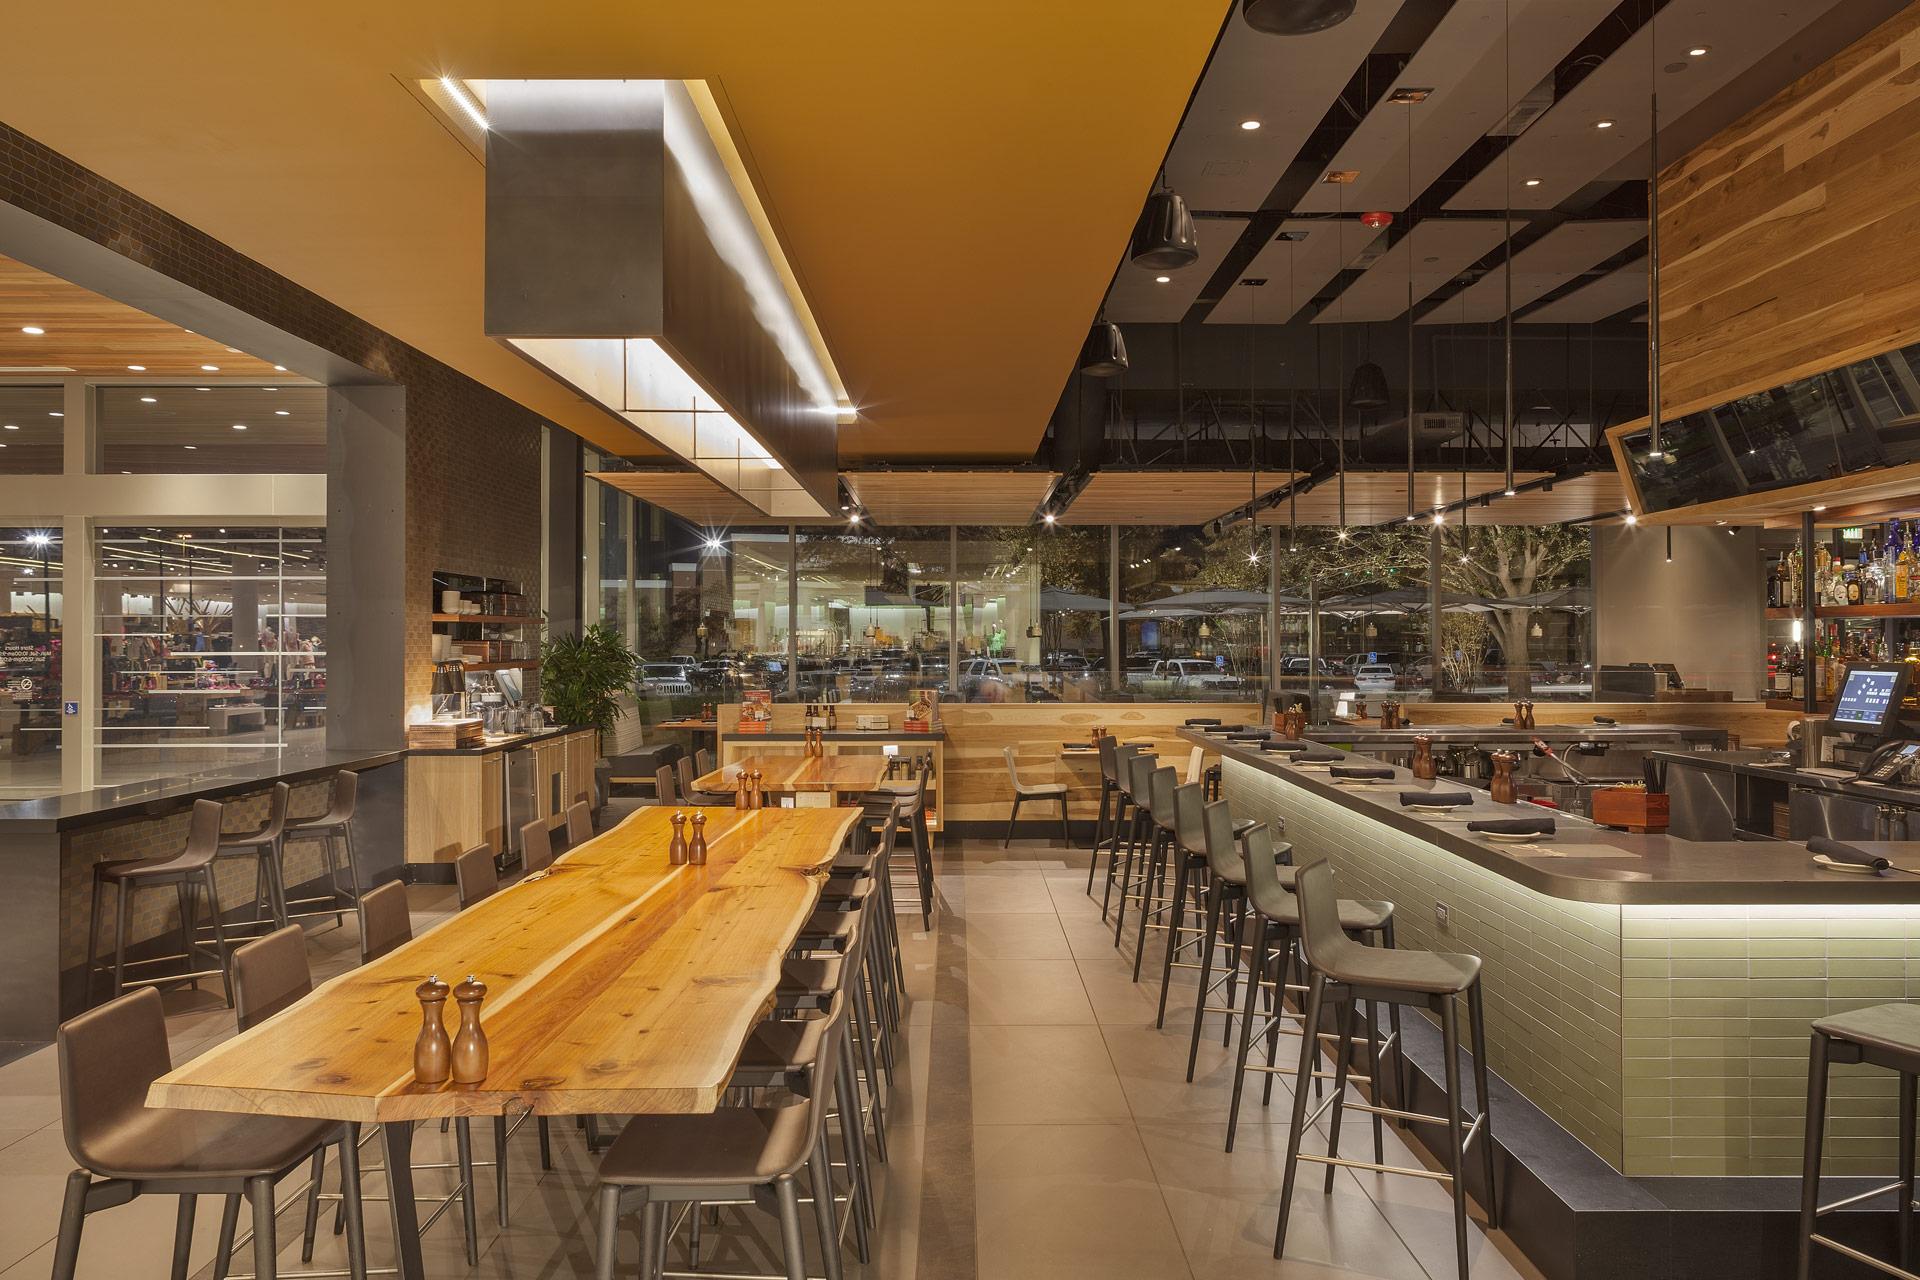 Bazille at Nordstrom Restaurant design